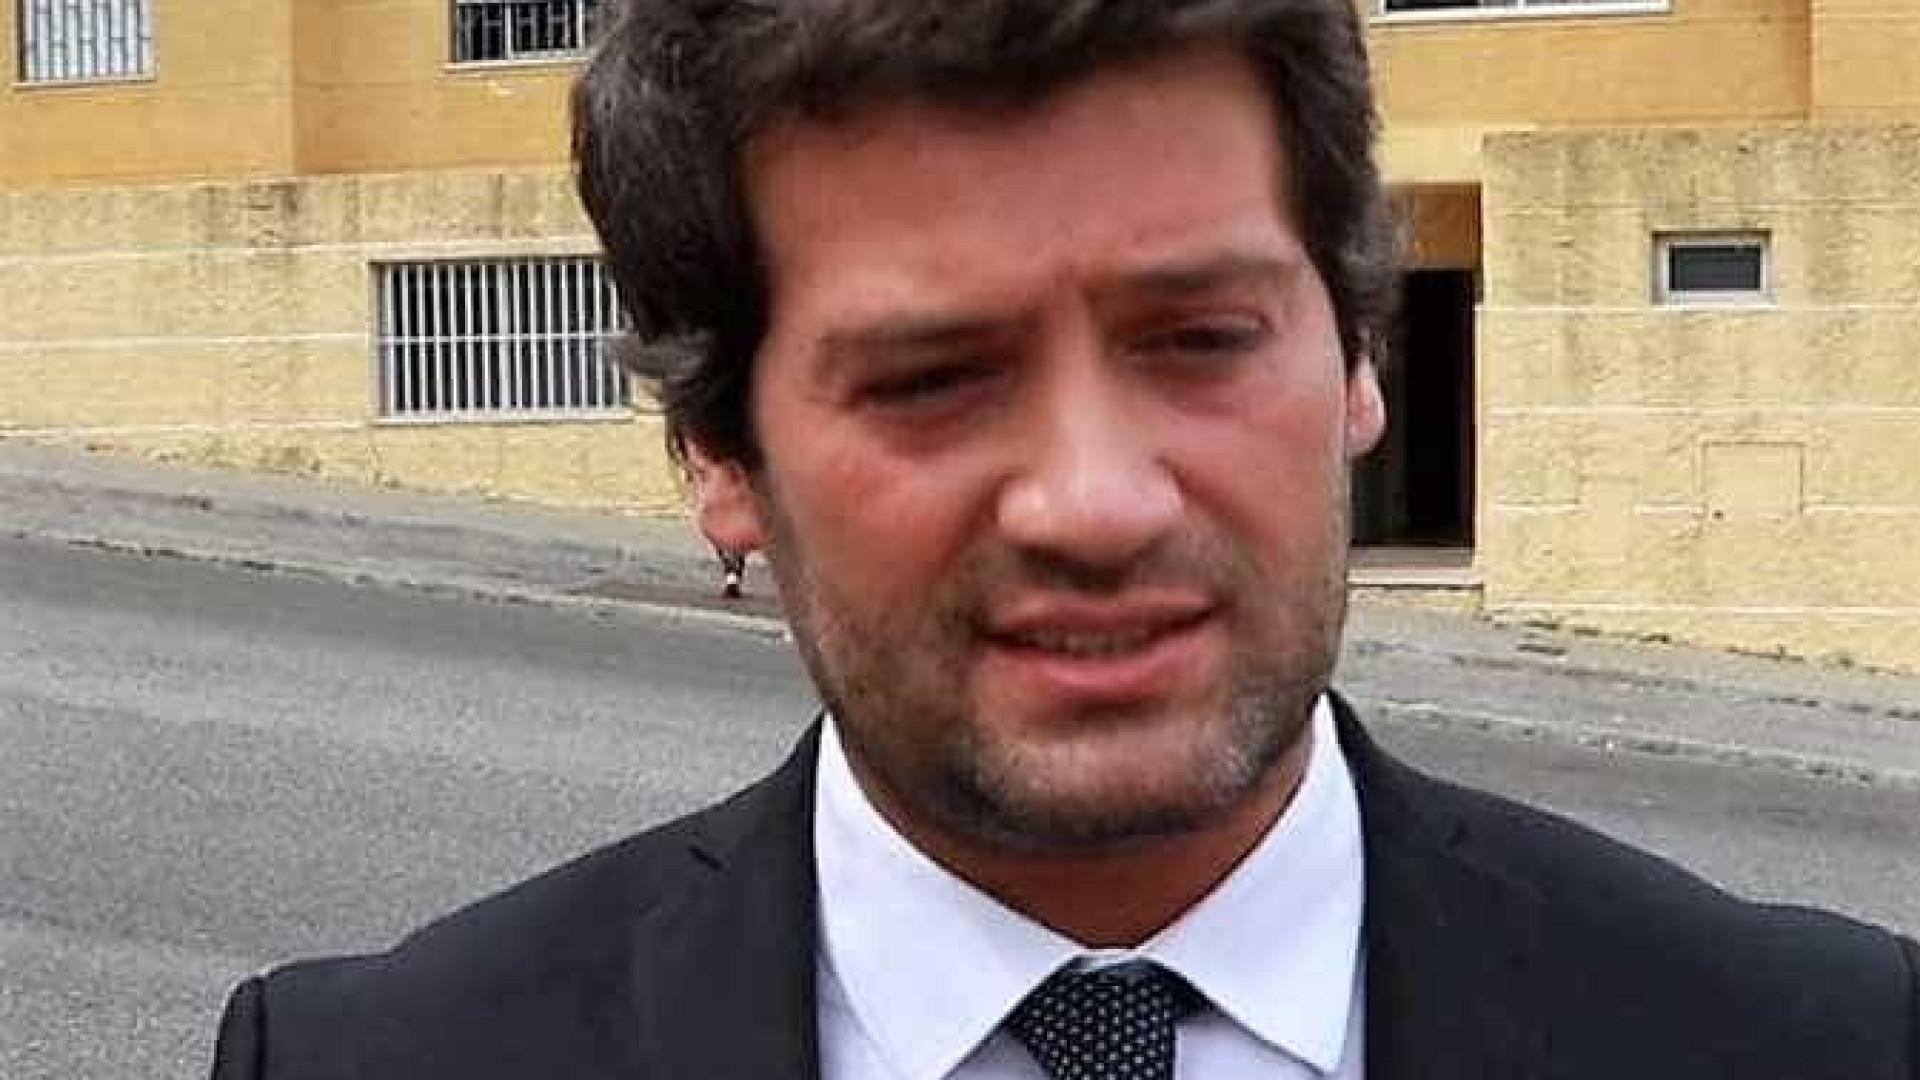 Bloco apresenta nova queixa contra Ventura à PGR e à Ordem dos Advogados